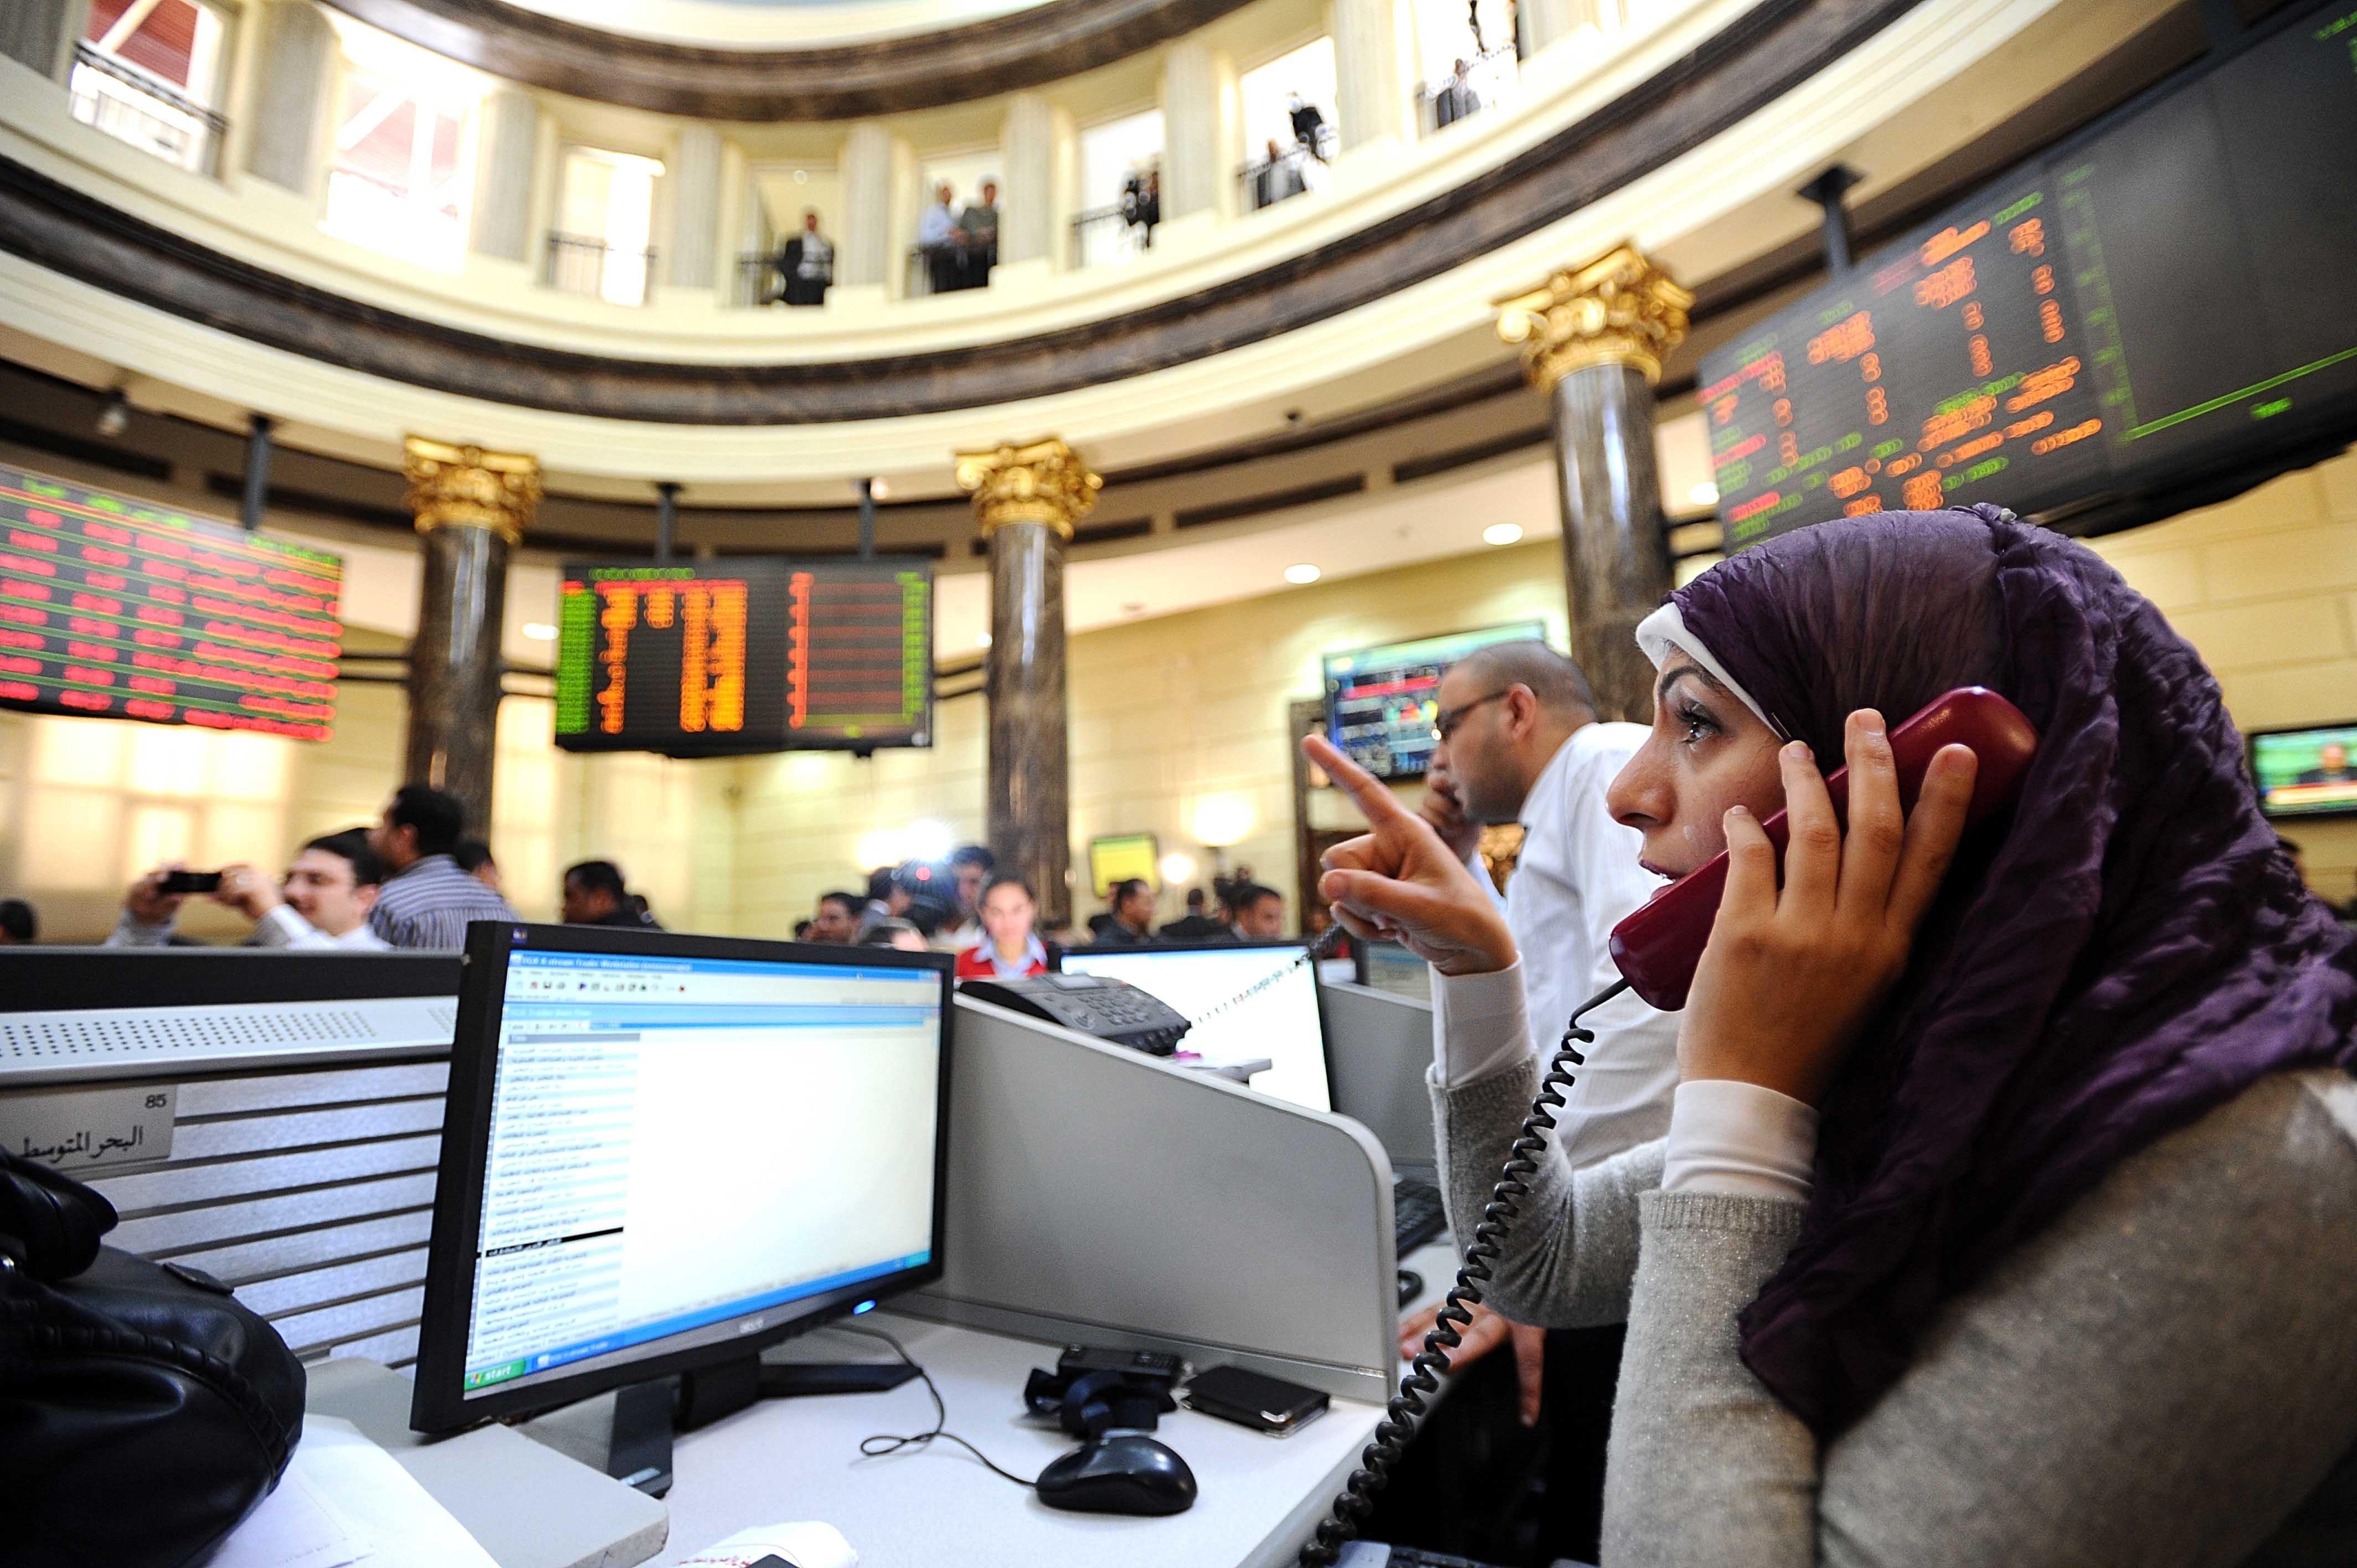 البورصة المصرية تربح 14.9  مليار جنيه خلال تعاملات الأسبوع الماضي